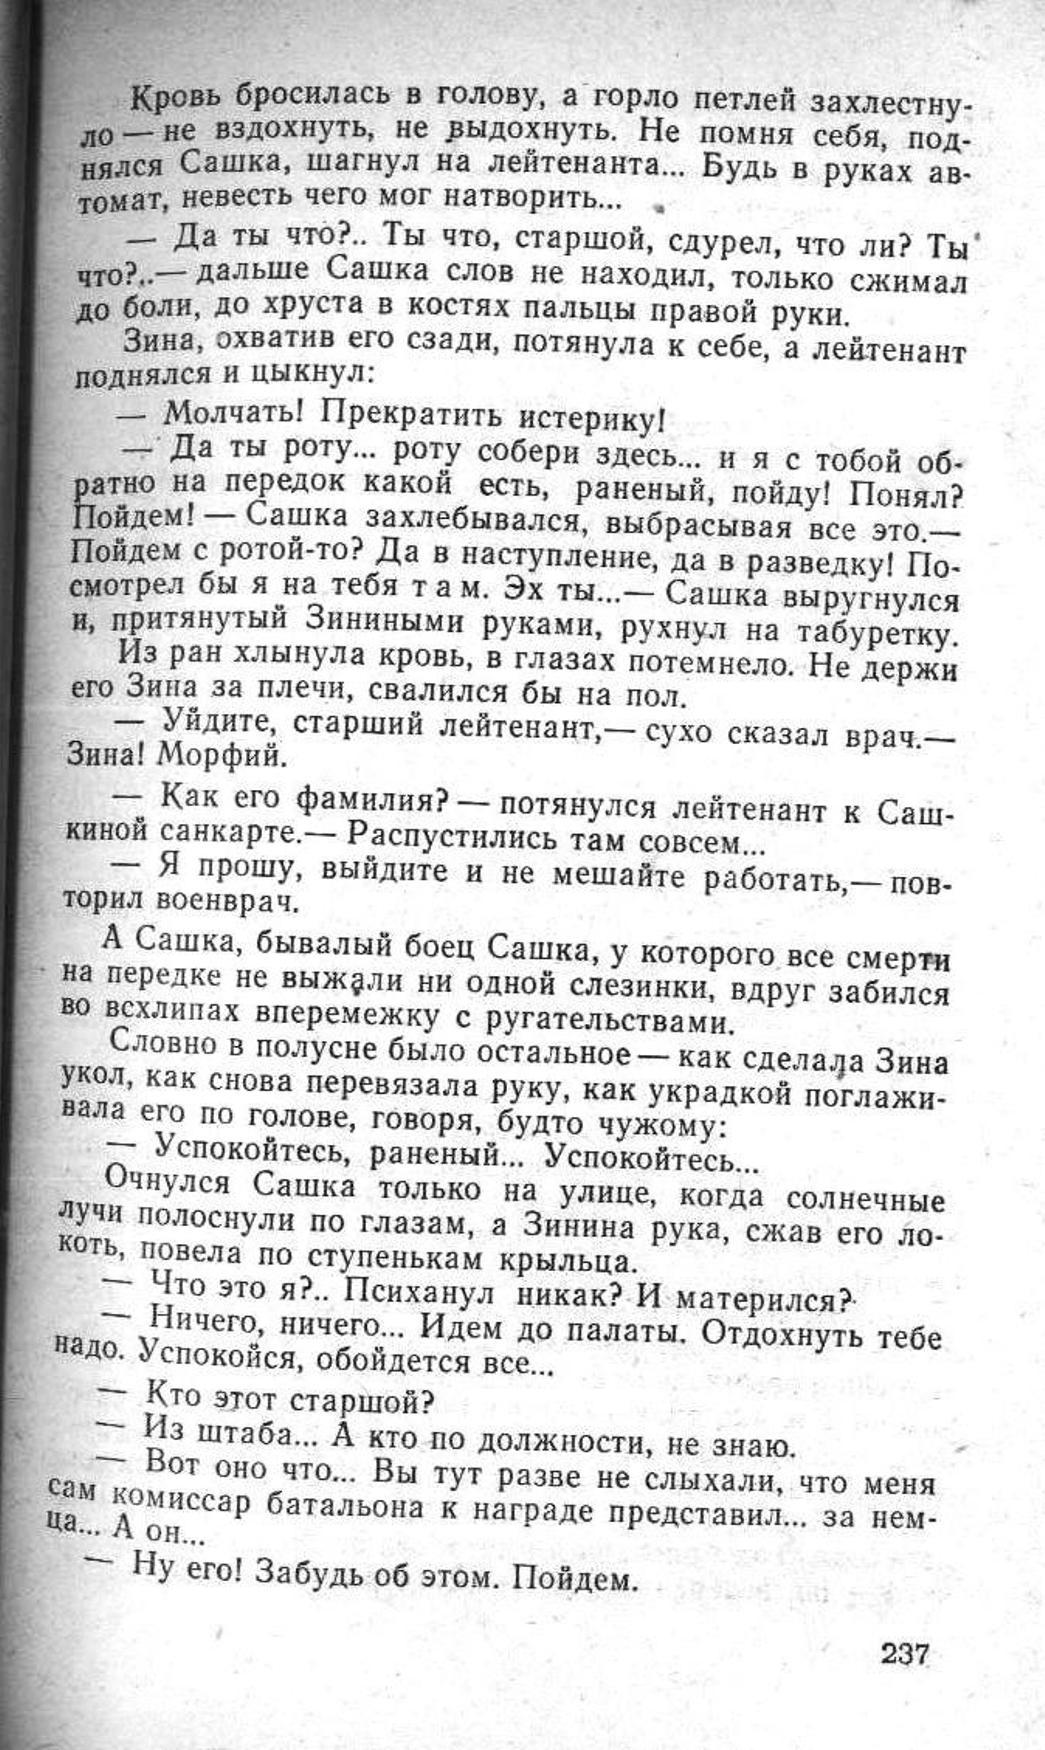 Сашка. Повесть. Вячеслав Кондратьев. 008. 006